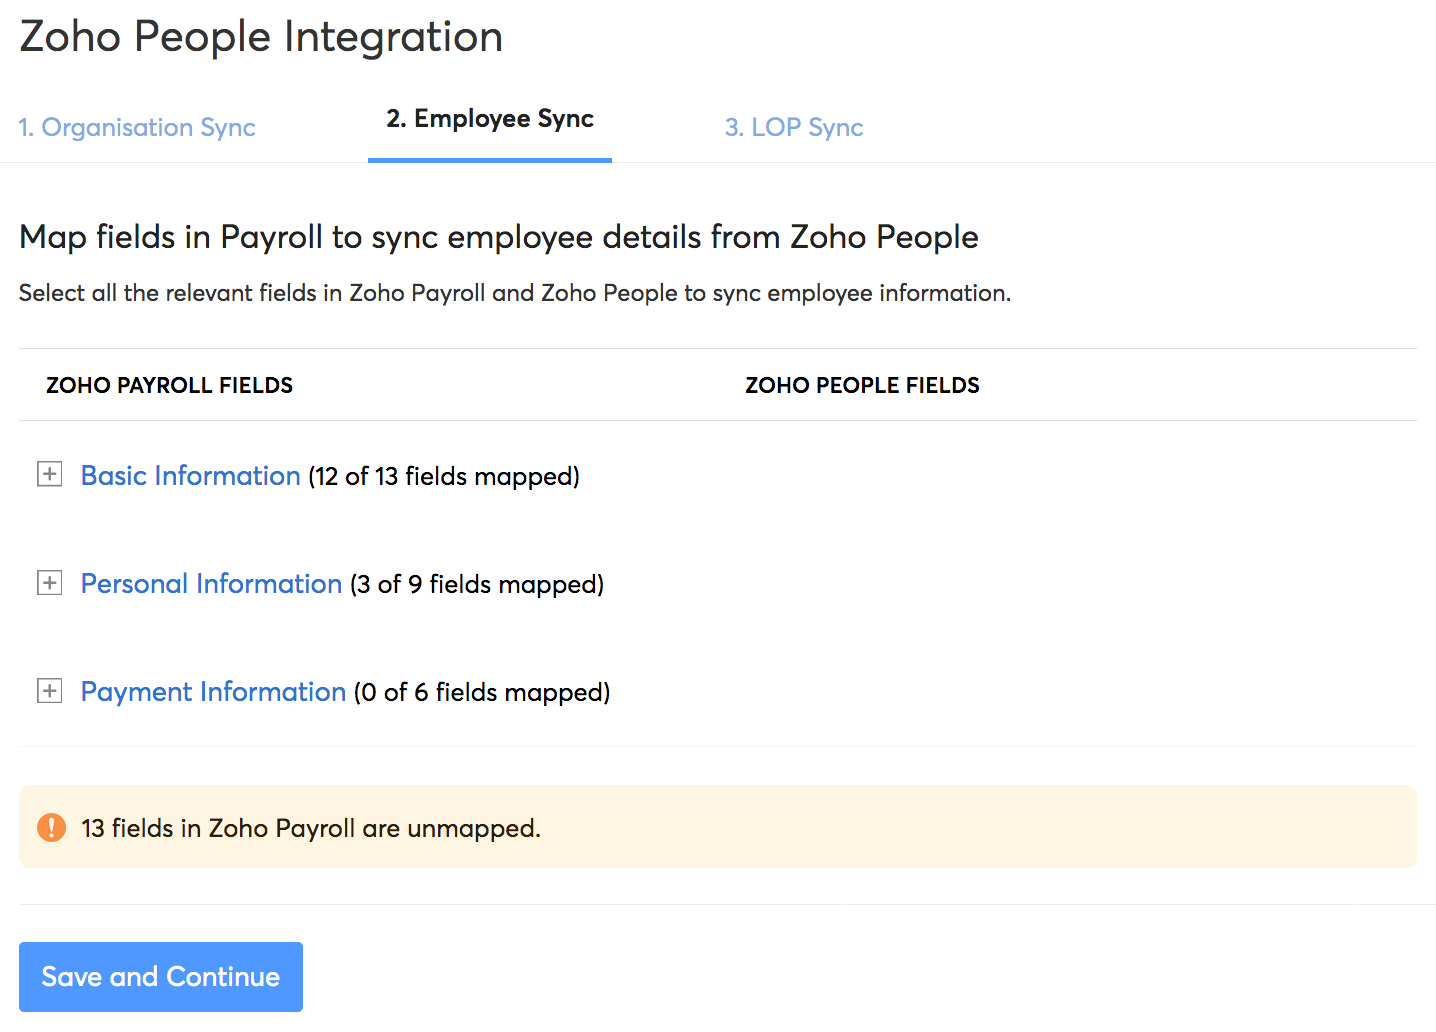 Employee Sync